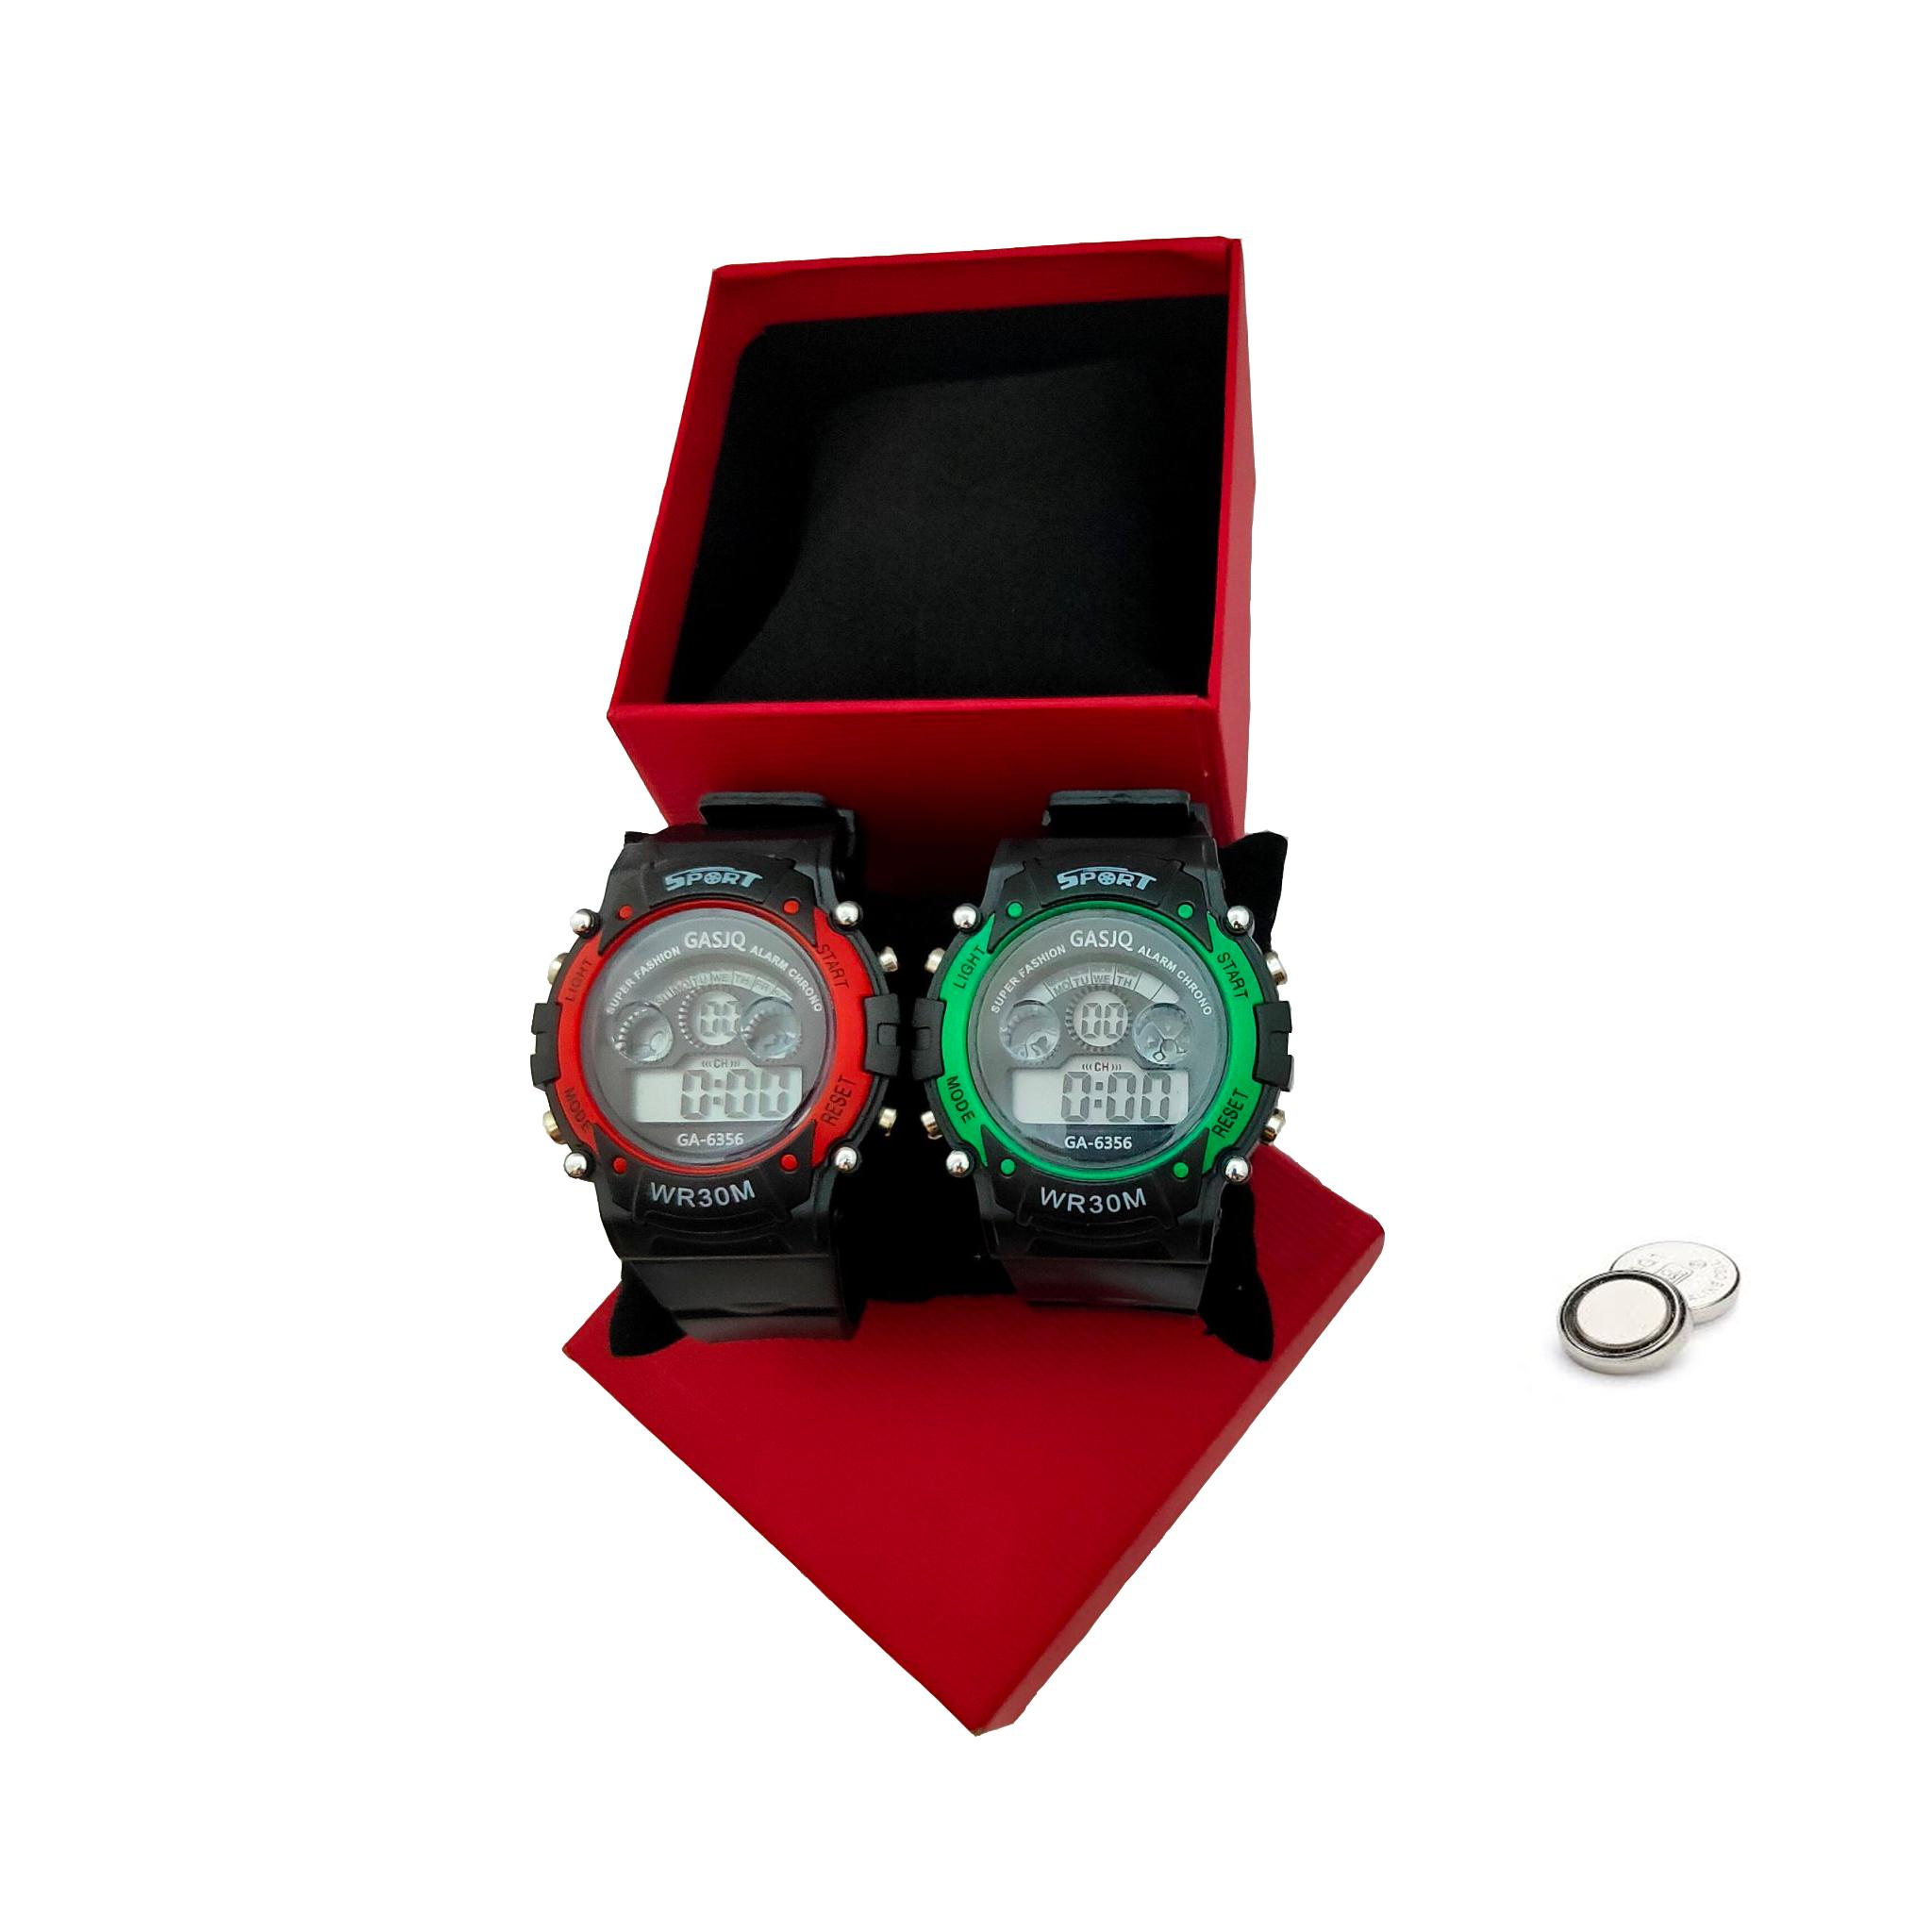 Đồng hồ trẻ em_ Tặng bộ lắp ghép mô hình 5